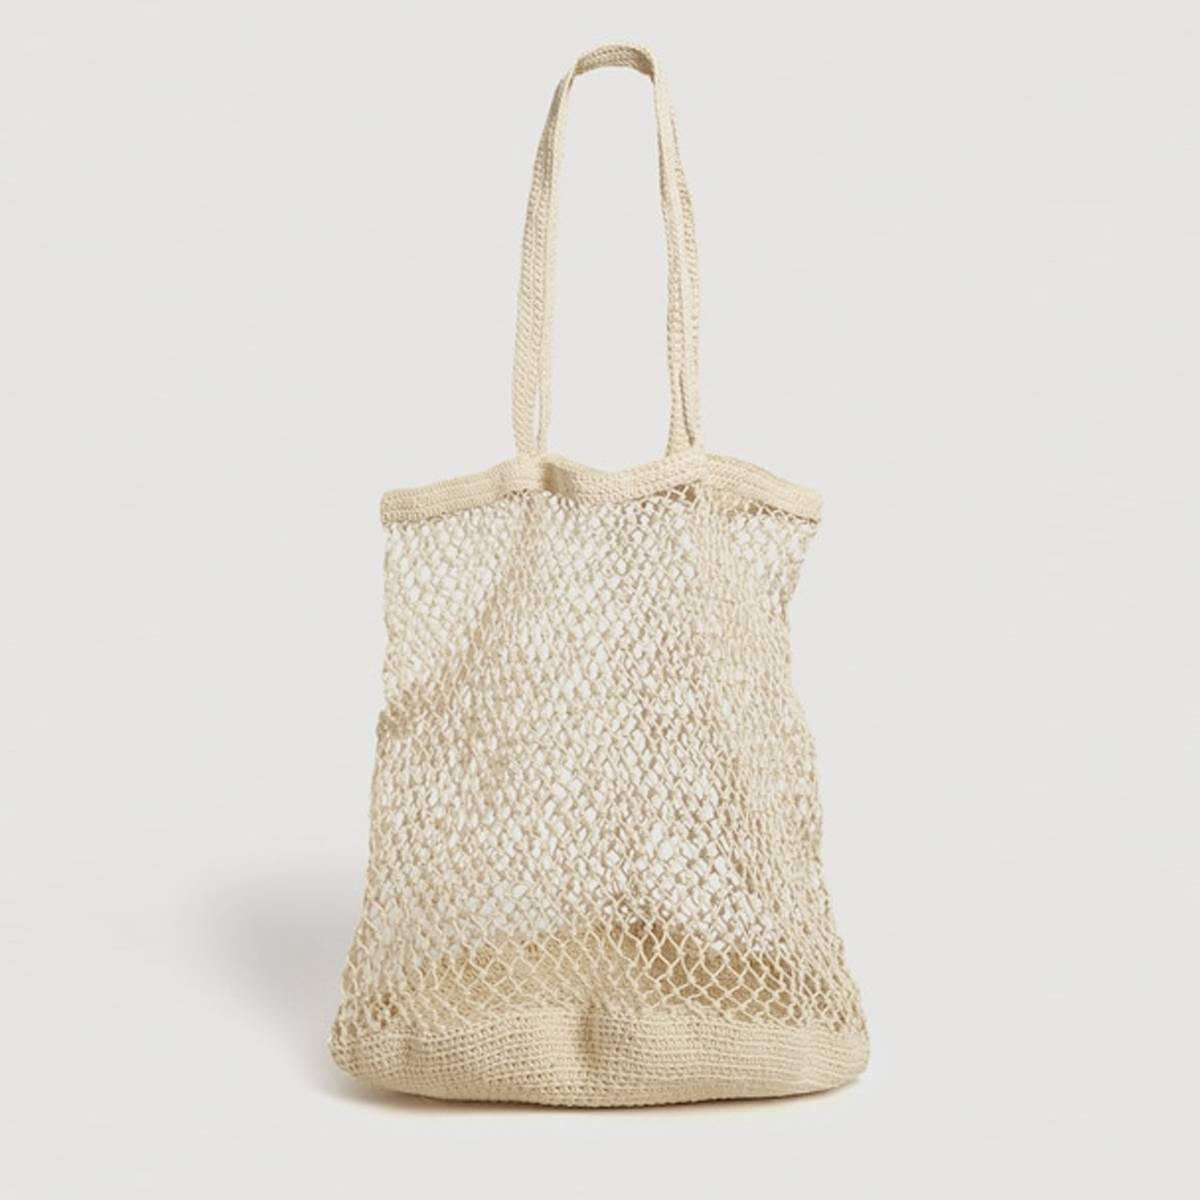 0621f264d4 5 στυλ τσάντας που κυριαρχούν τώρα (και δεν είναι δυνατόν να μην το ...